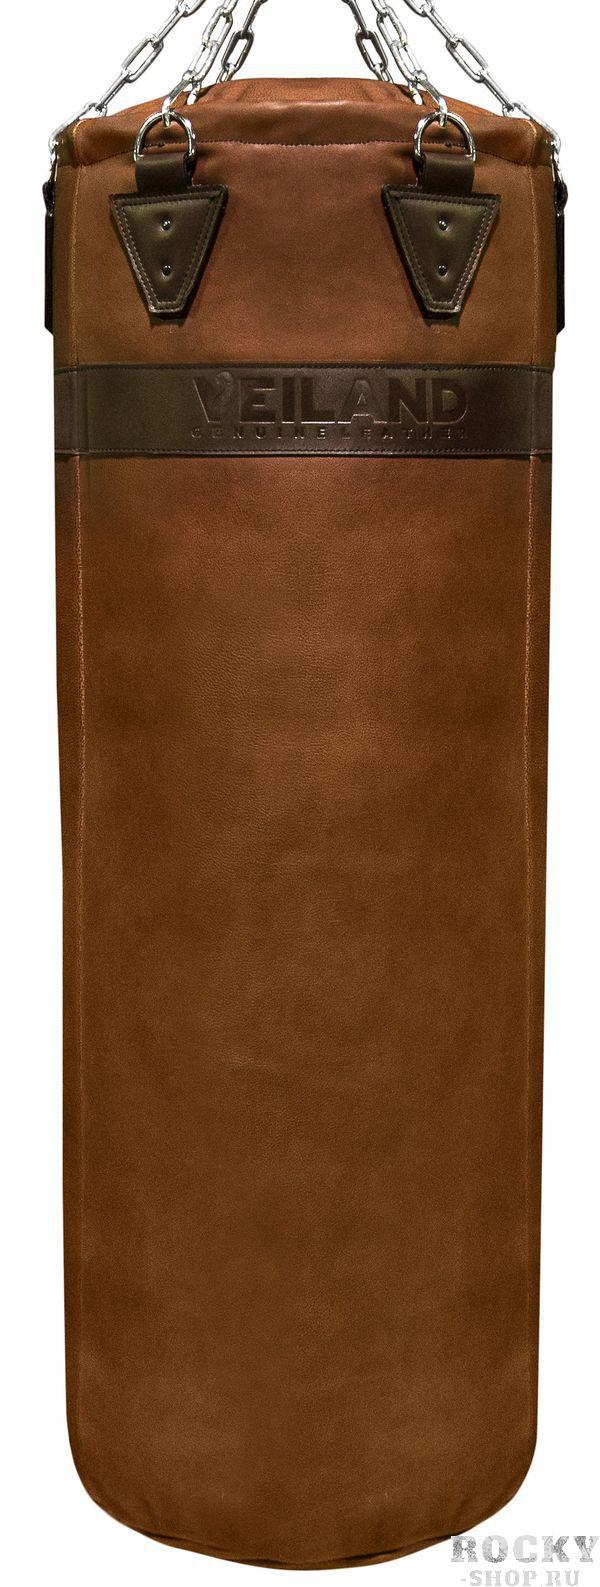 Профессиональный боксерский мешок Veiland Thai Style, кожа, 180х40см, 80кг Veiland